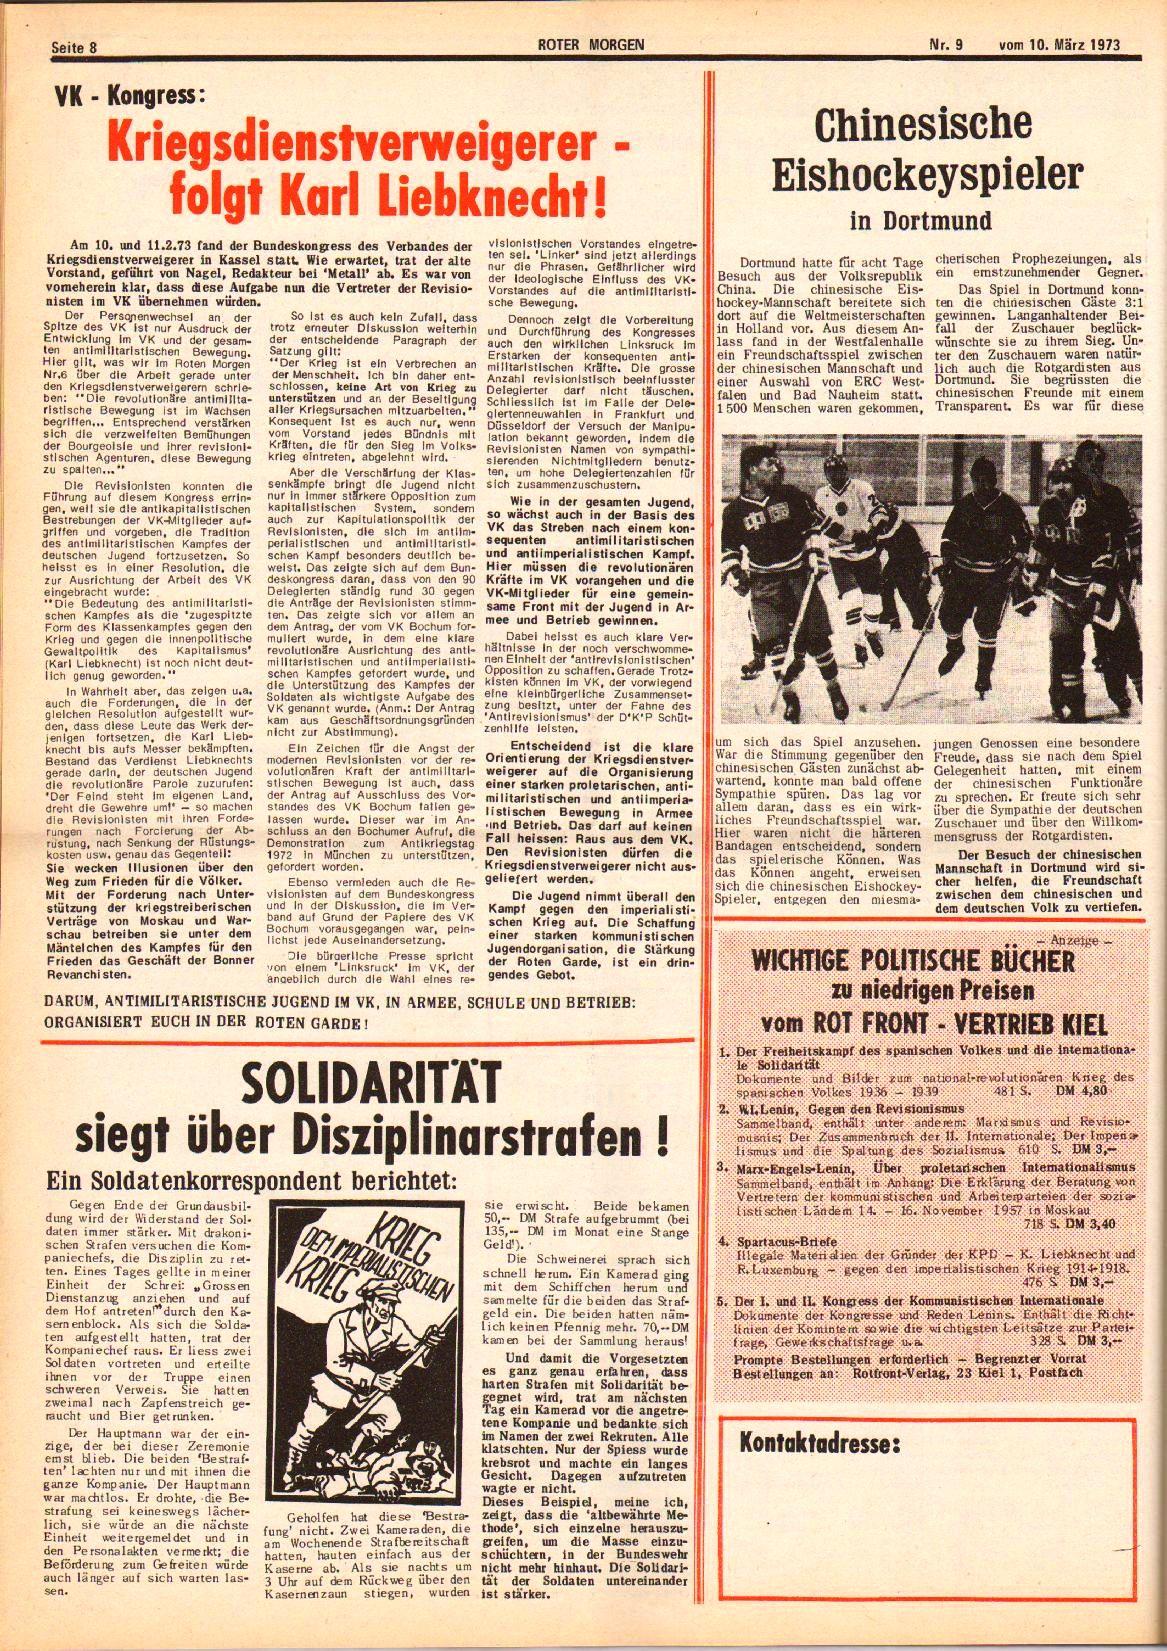 Roter Morgen, 7. Jg., 10. März 1973, Nr. 9, Seite 8